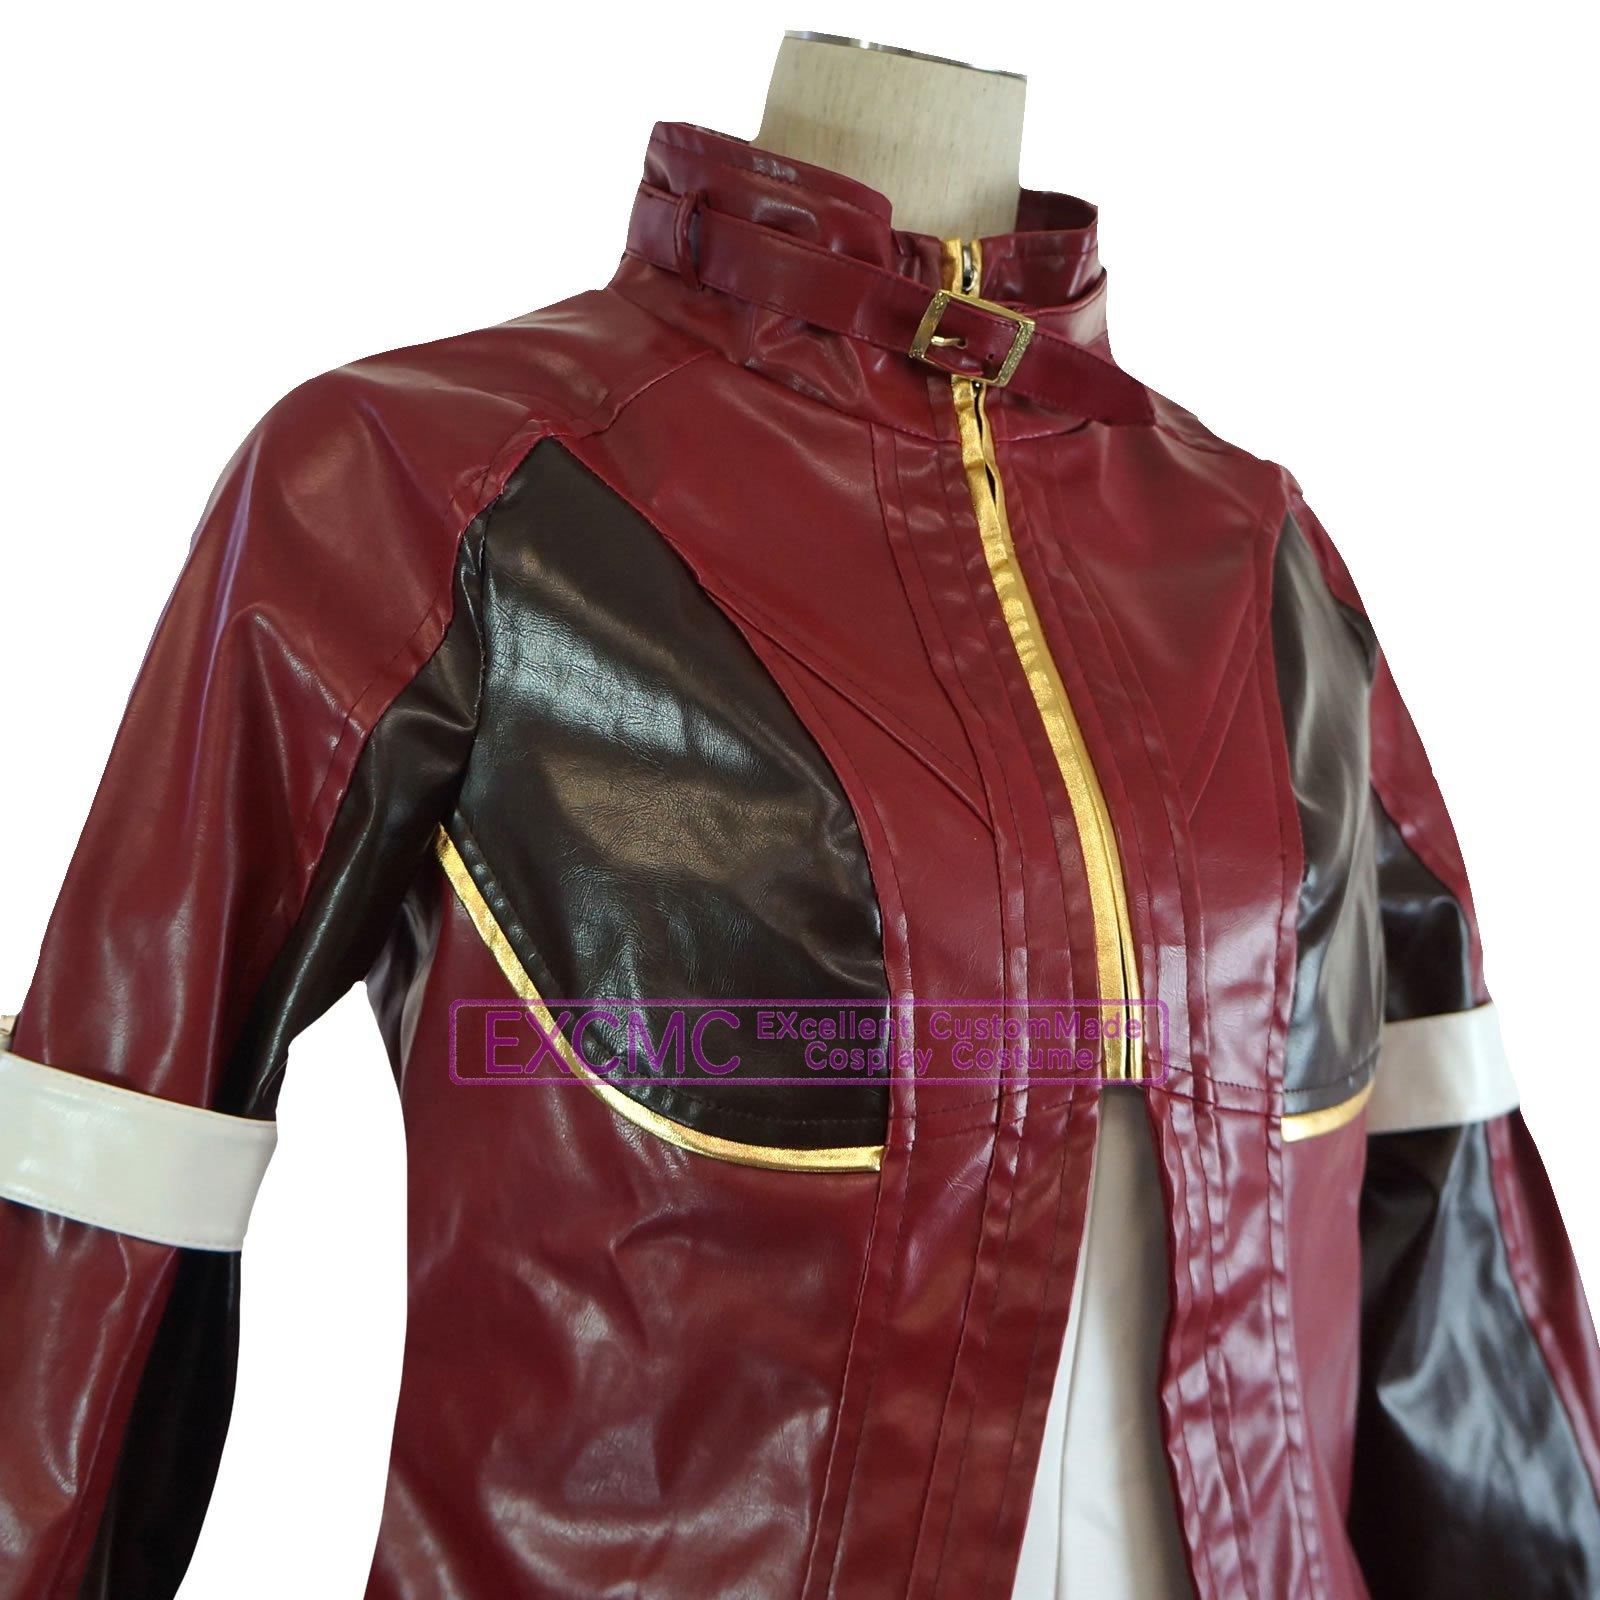 ザ・キング・オブ・ファイターズ14 クーラ・ダイアモンド 風 コスプレ衣装5